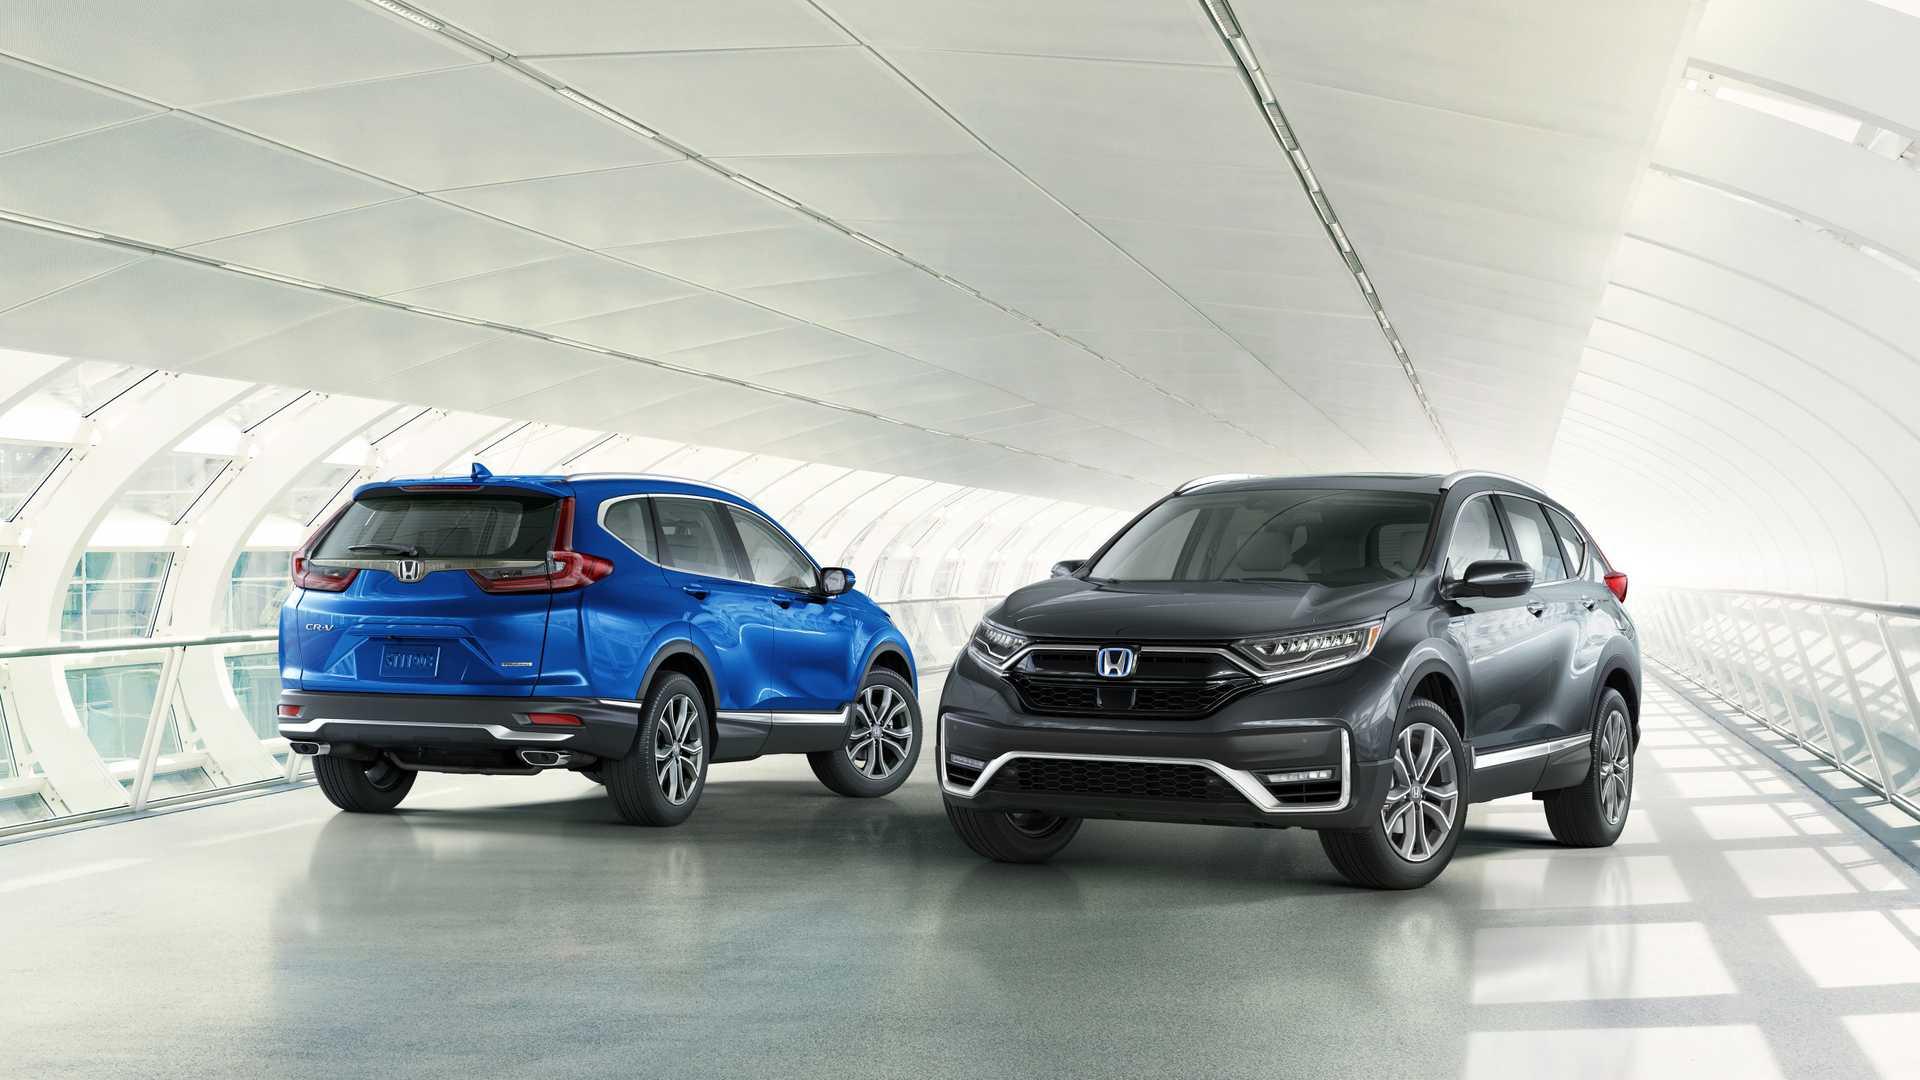 Honda CR-V 2020 ra mắt với kiểu dáng mới, thêm phiên bản hybrid